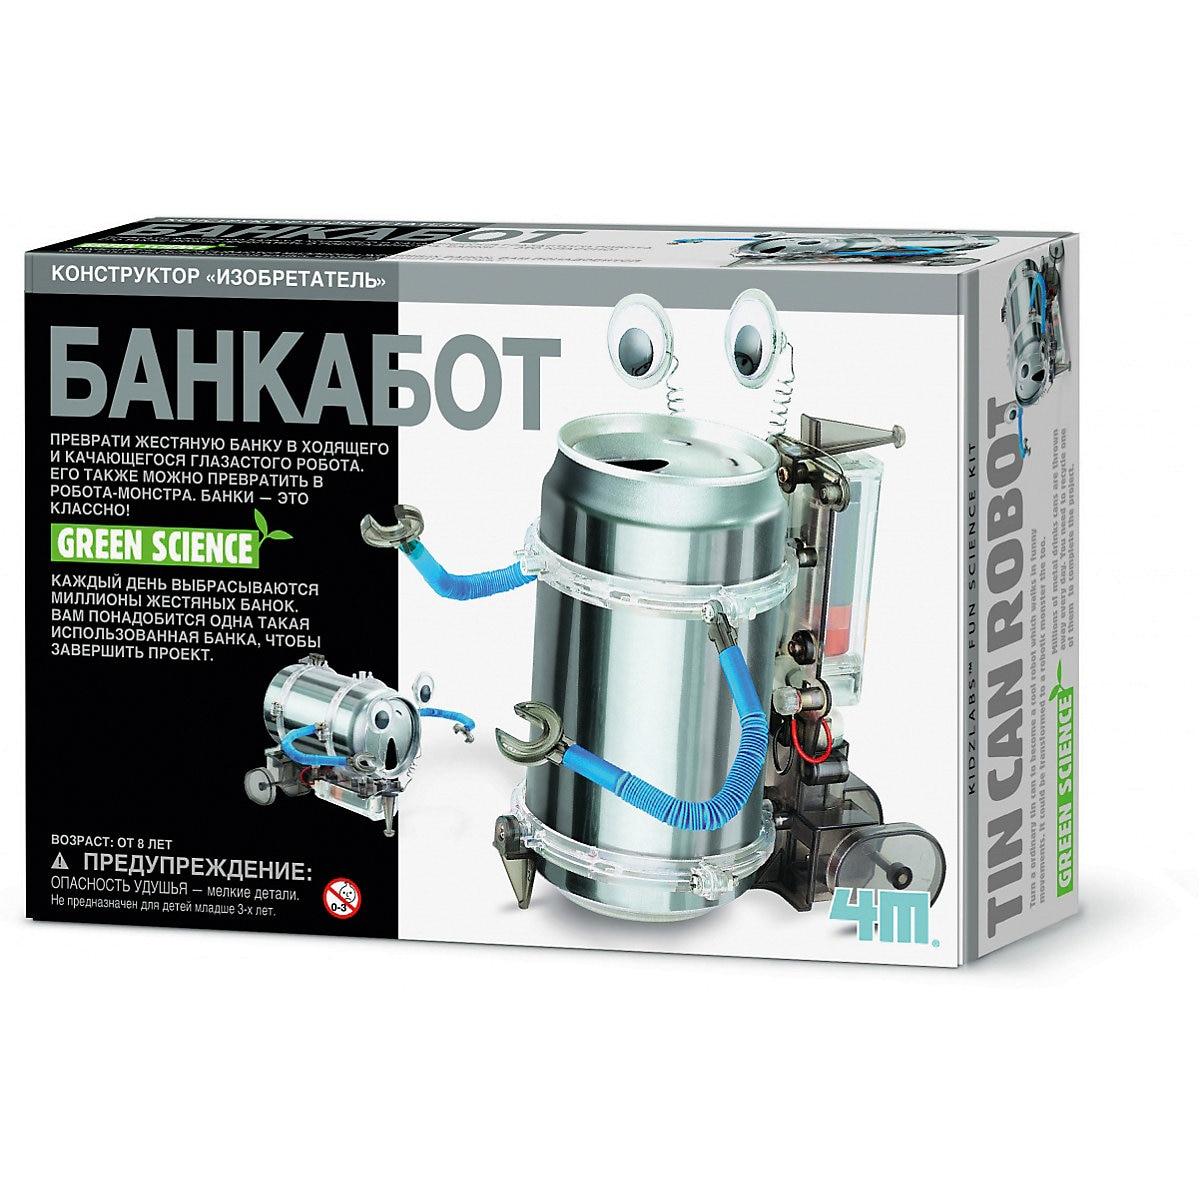 4M Robots & Accessories1 2568331 jouet intelligent pour enfants garçon giri jouer jeu jouets MTpromo